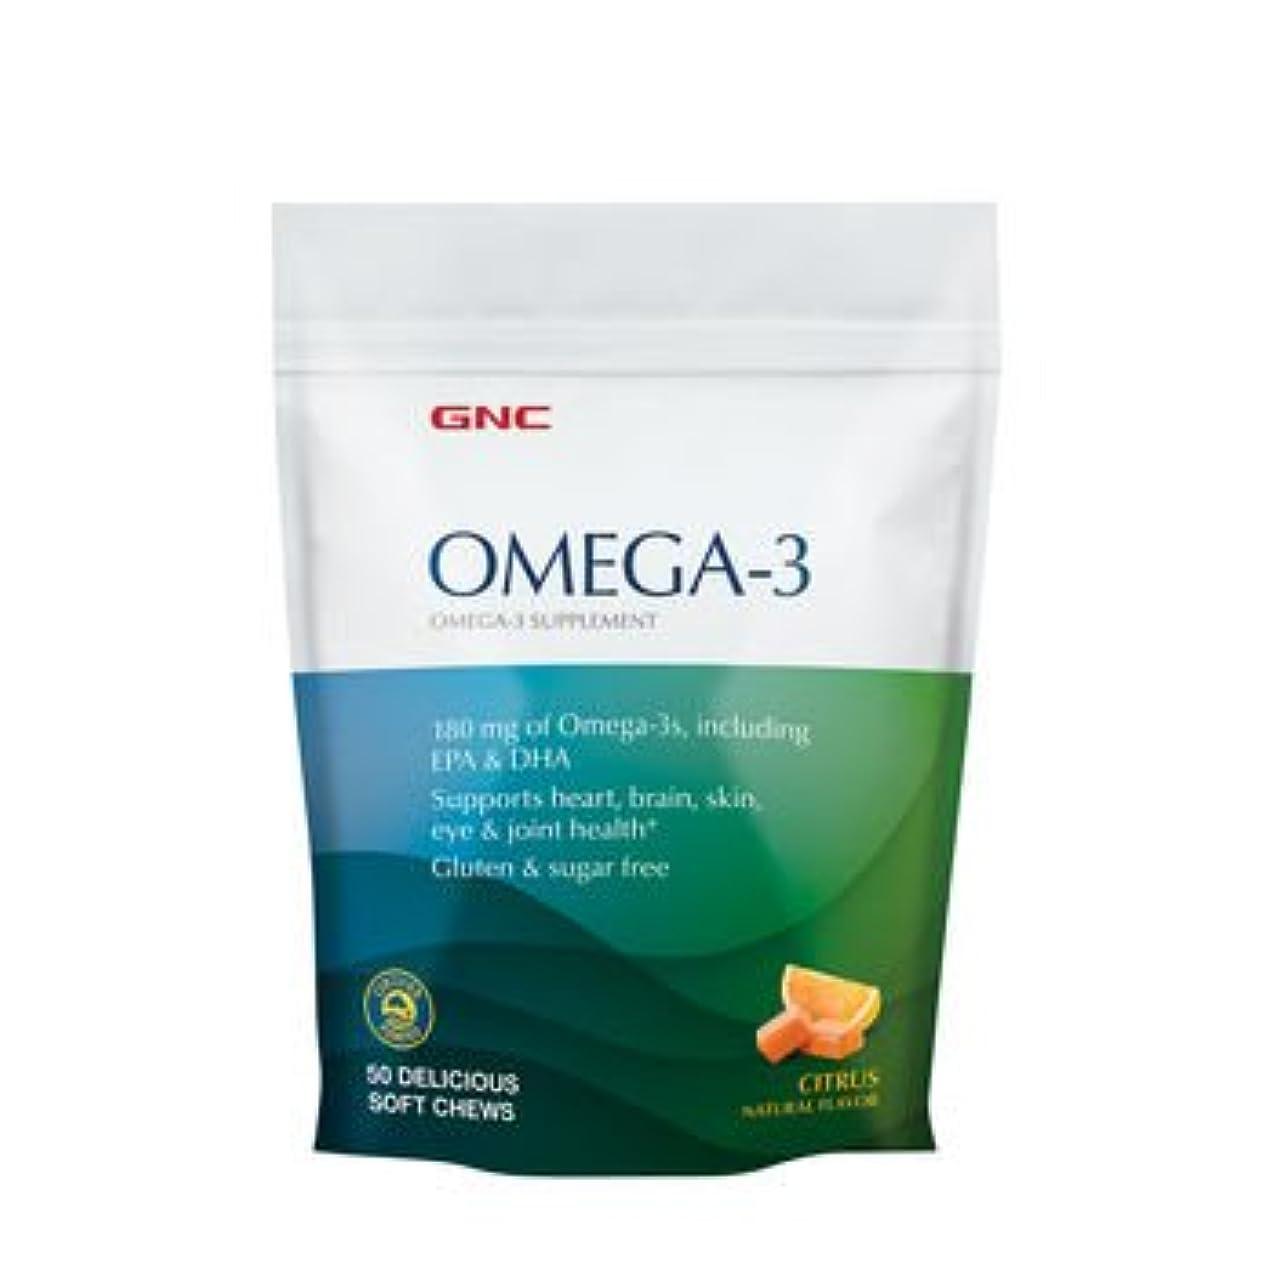 破壊的けん引告白するGNC FISH, オメガ3ソフトキャンディ, シトラスフレーバー, 50粒